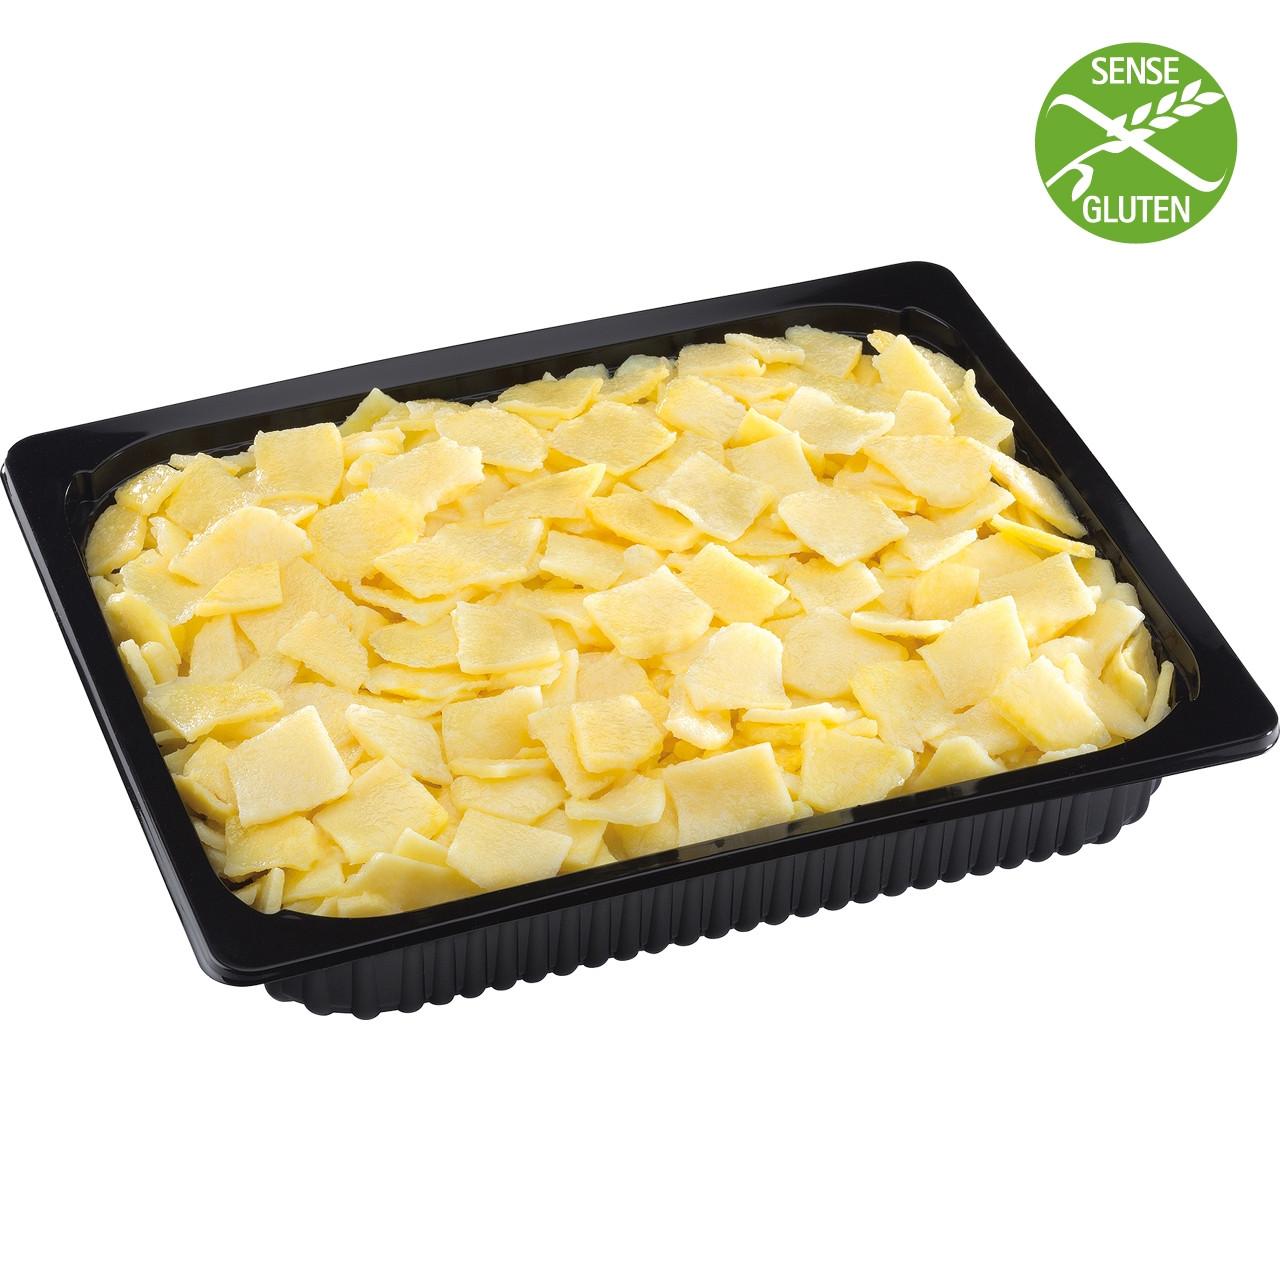 Carretilla-truita de patata amb ceba